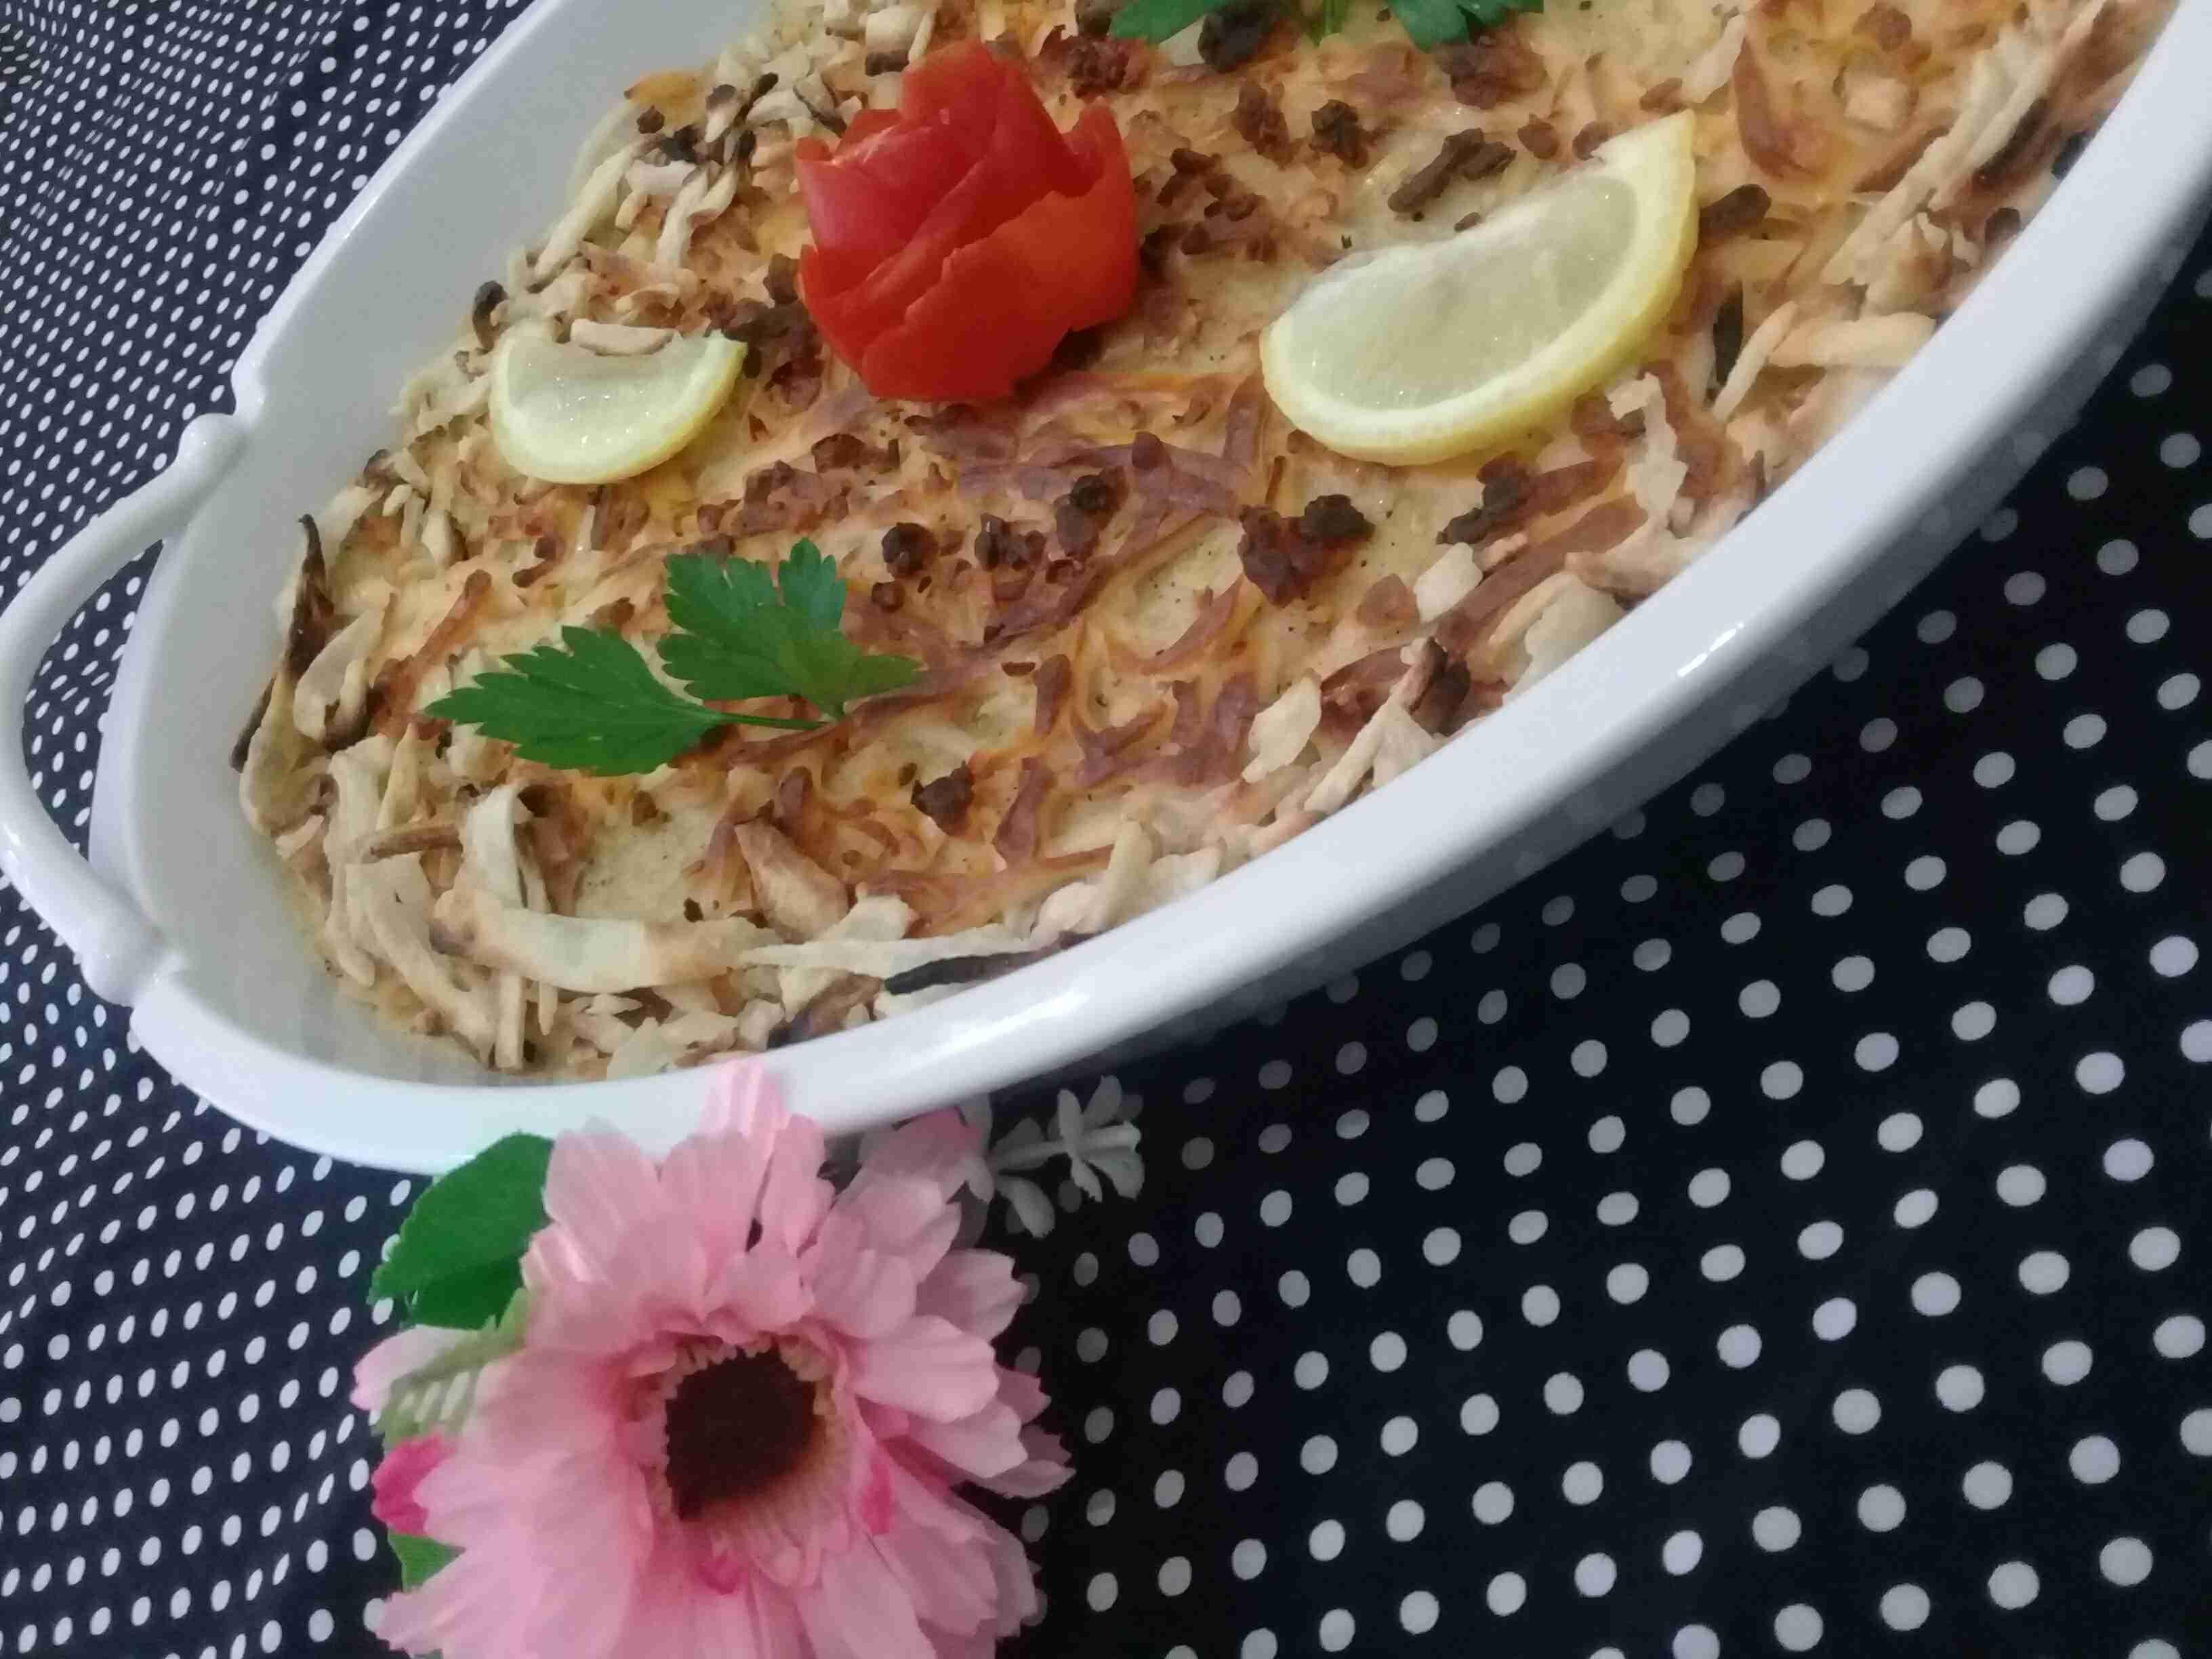 صينية البطاطس المهروسة الرائعه على ذوقي ملكة رمضان زاكي Recipe Food Side Plates Plates